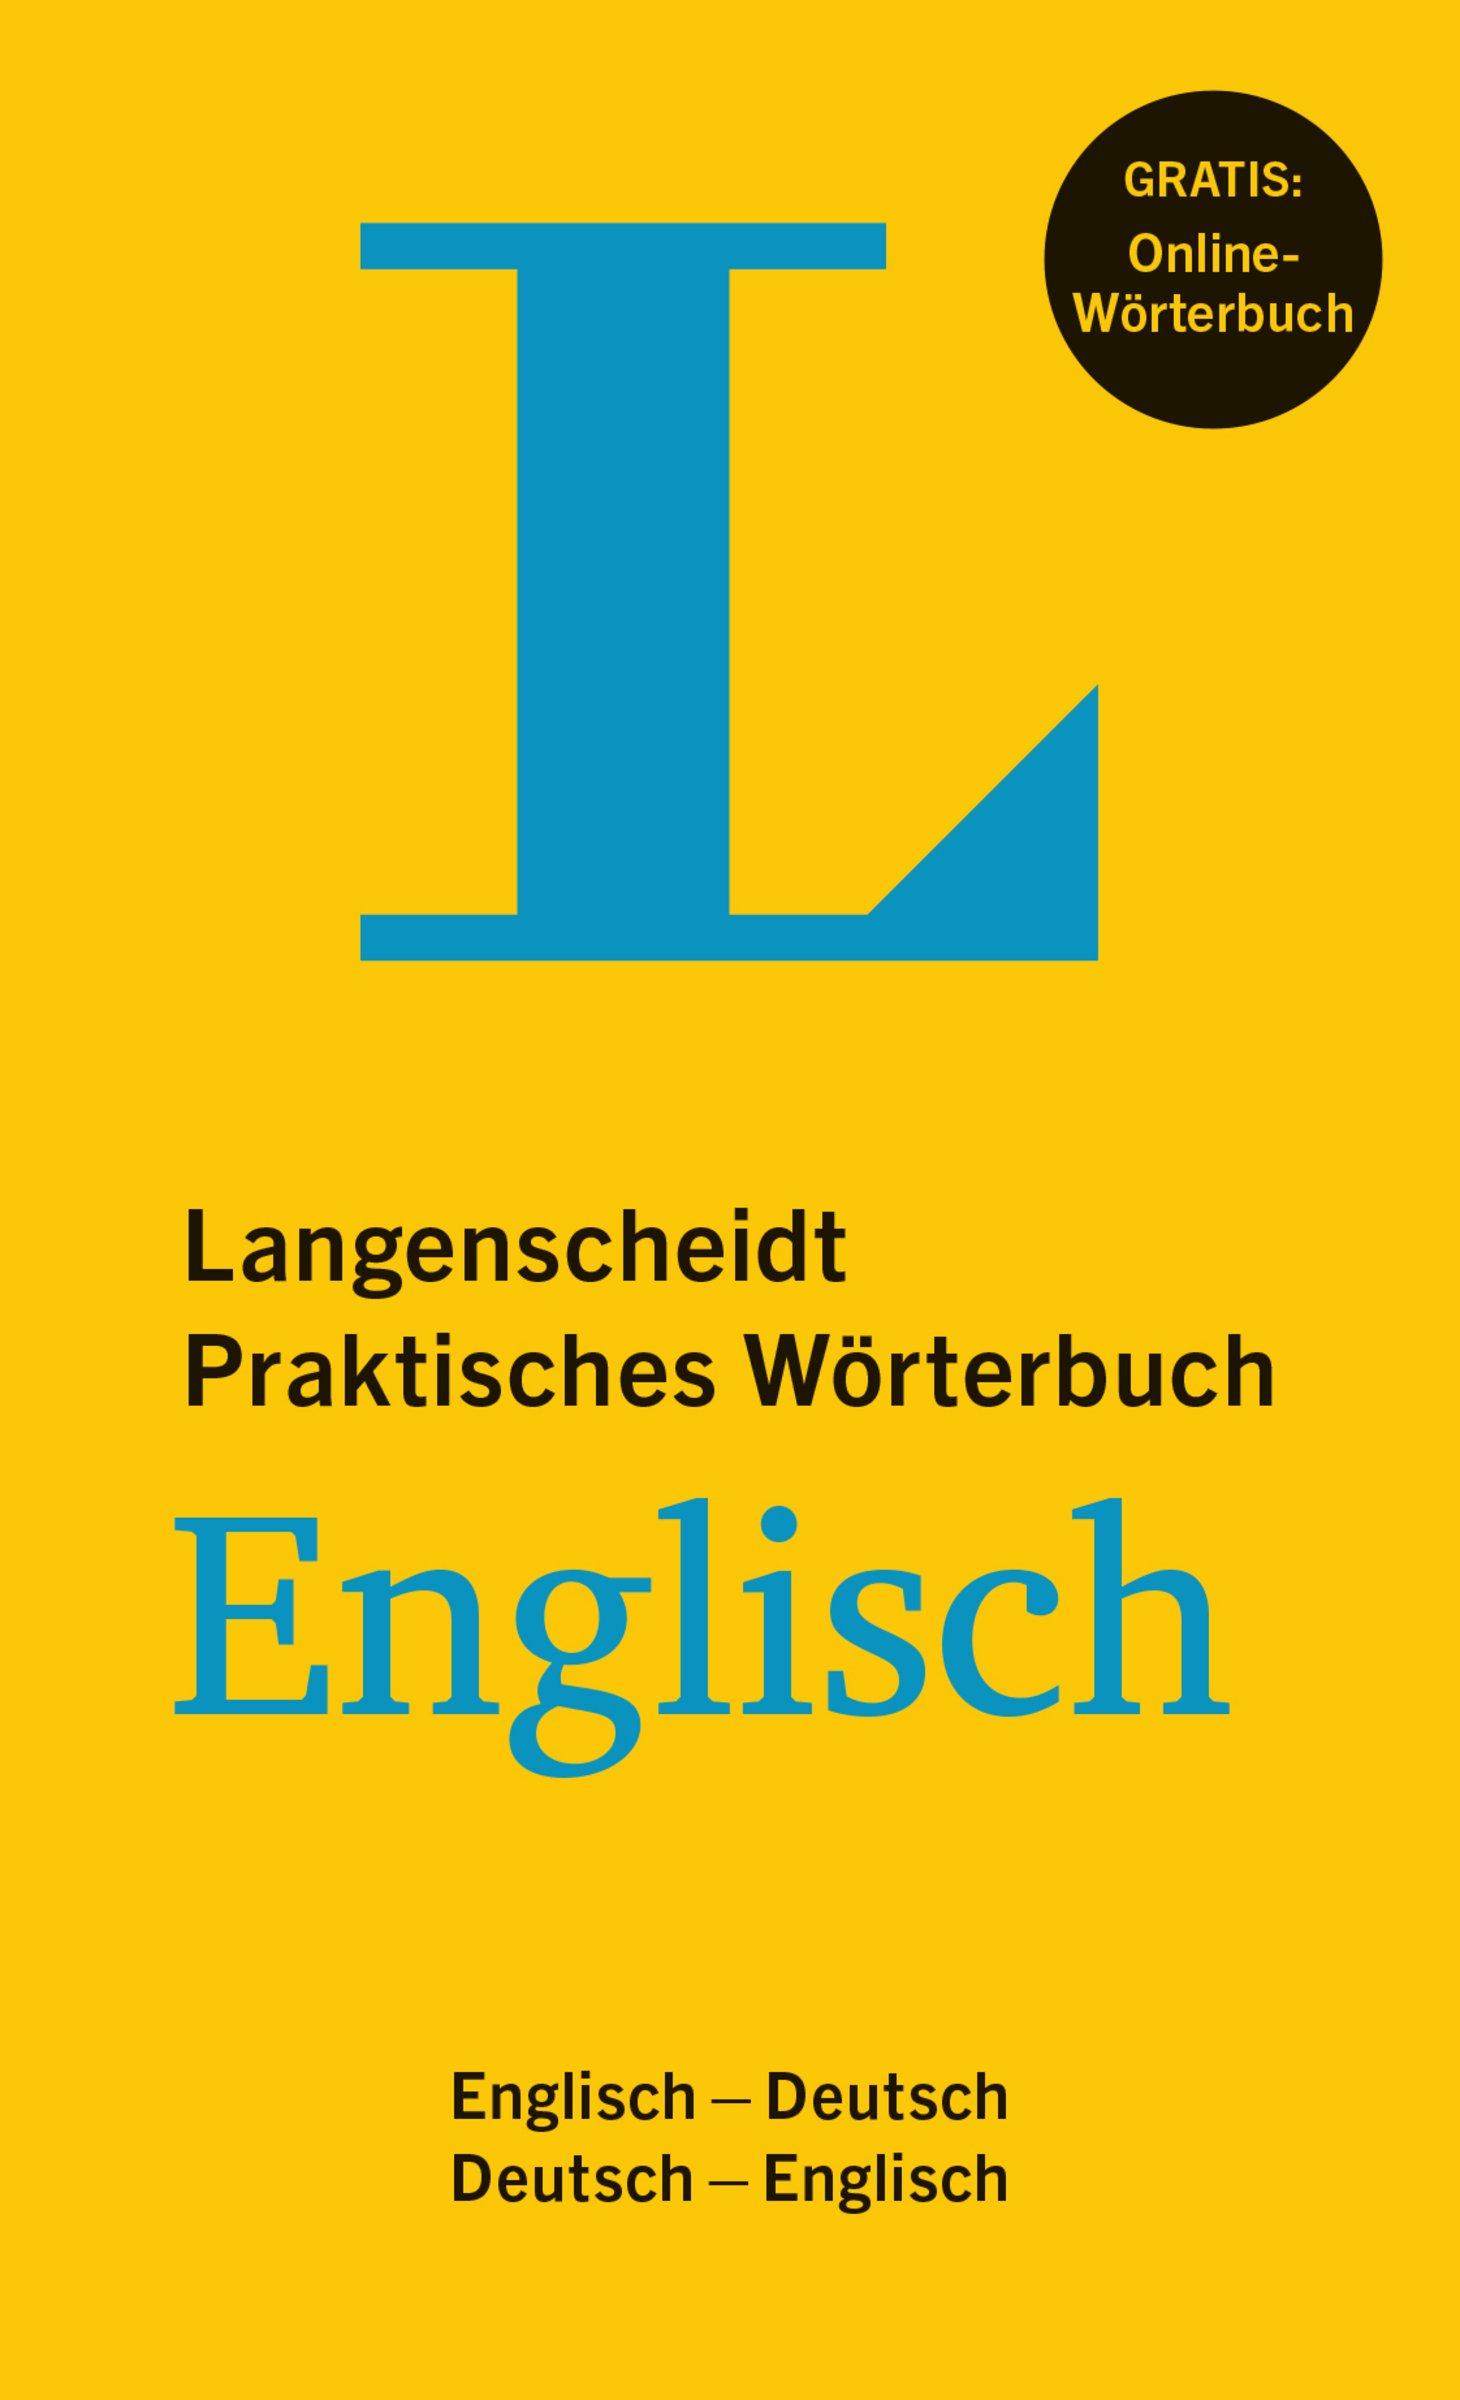 Langenscheidt Praktisches Wörterbuch Englisch - Buch mit Online-Anbindung: Englisch-Deutsch/Deutsch-Englisch (Langenscheidt Praktische Wörterbücher)